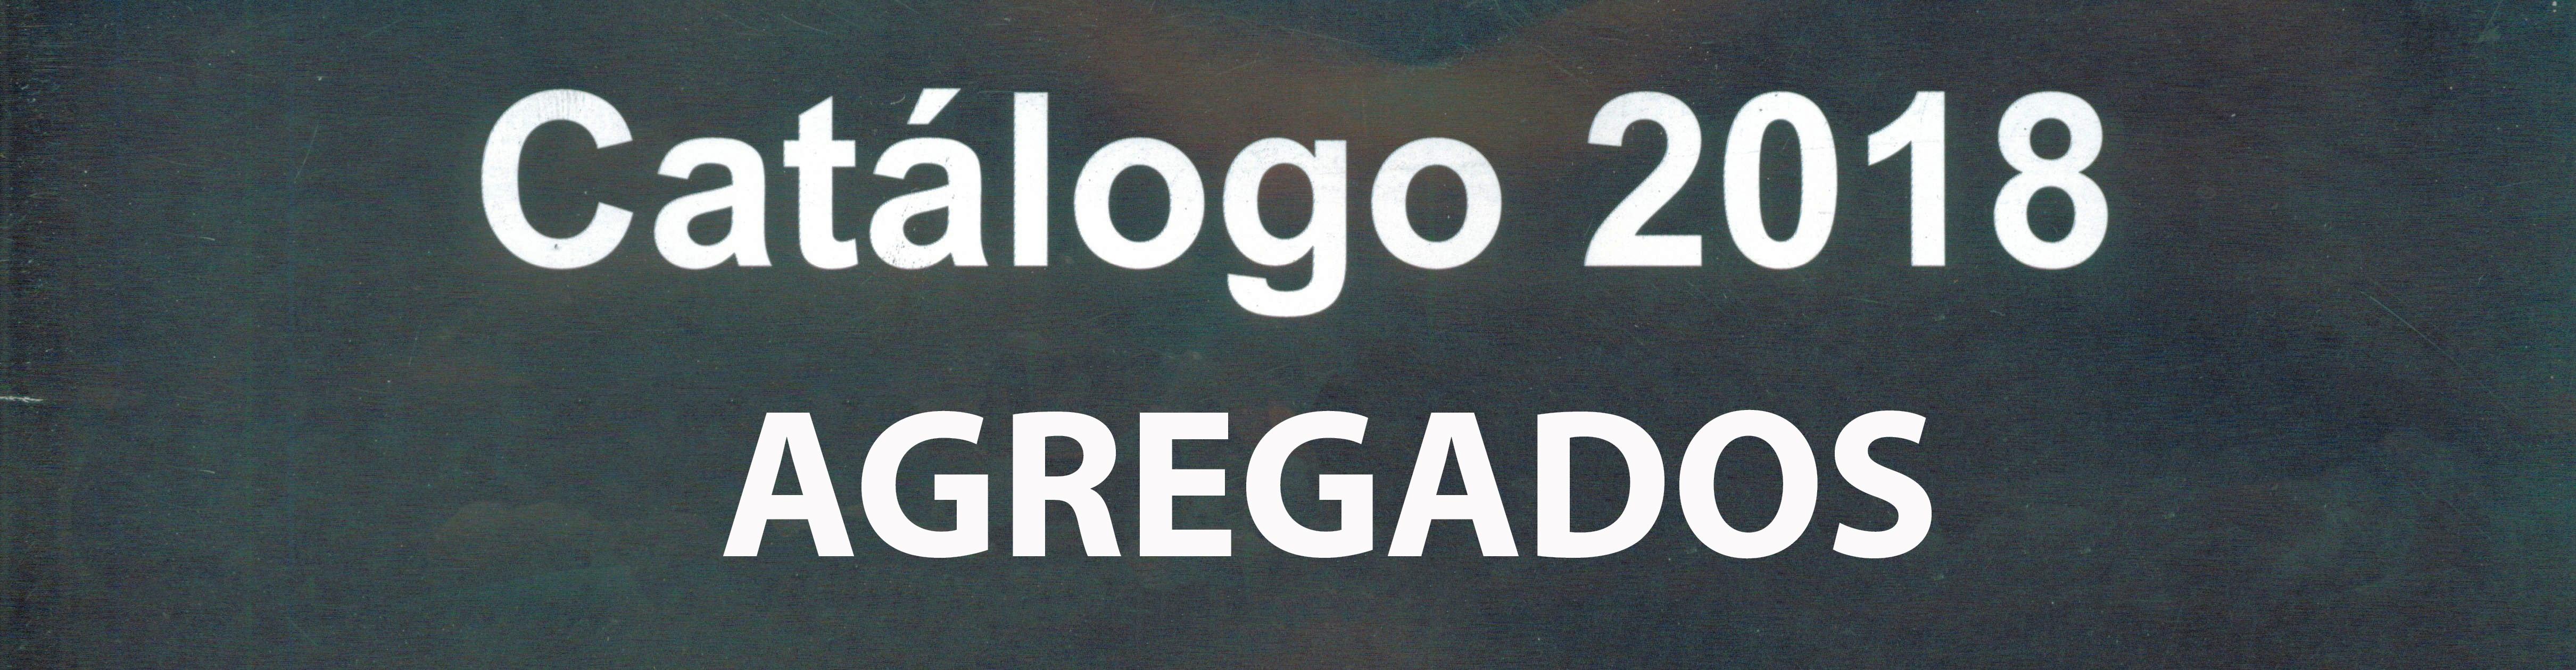 AGREGADOS CATALOGO 2018 (ABRIL 2019)